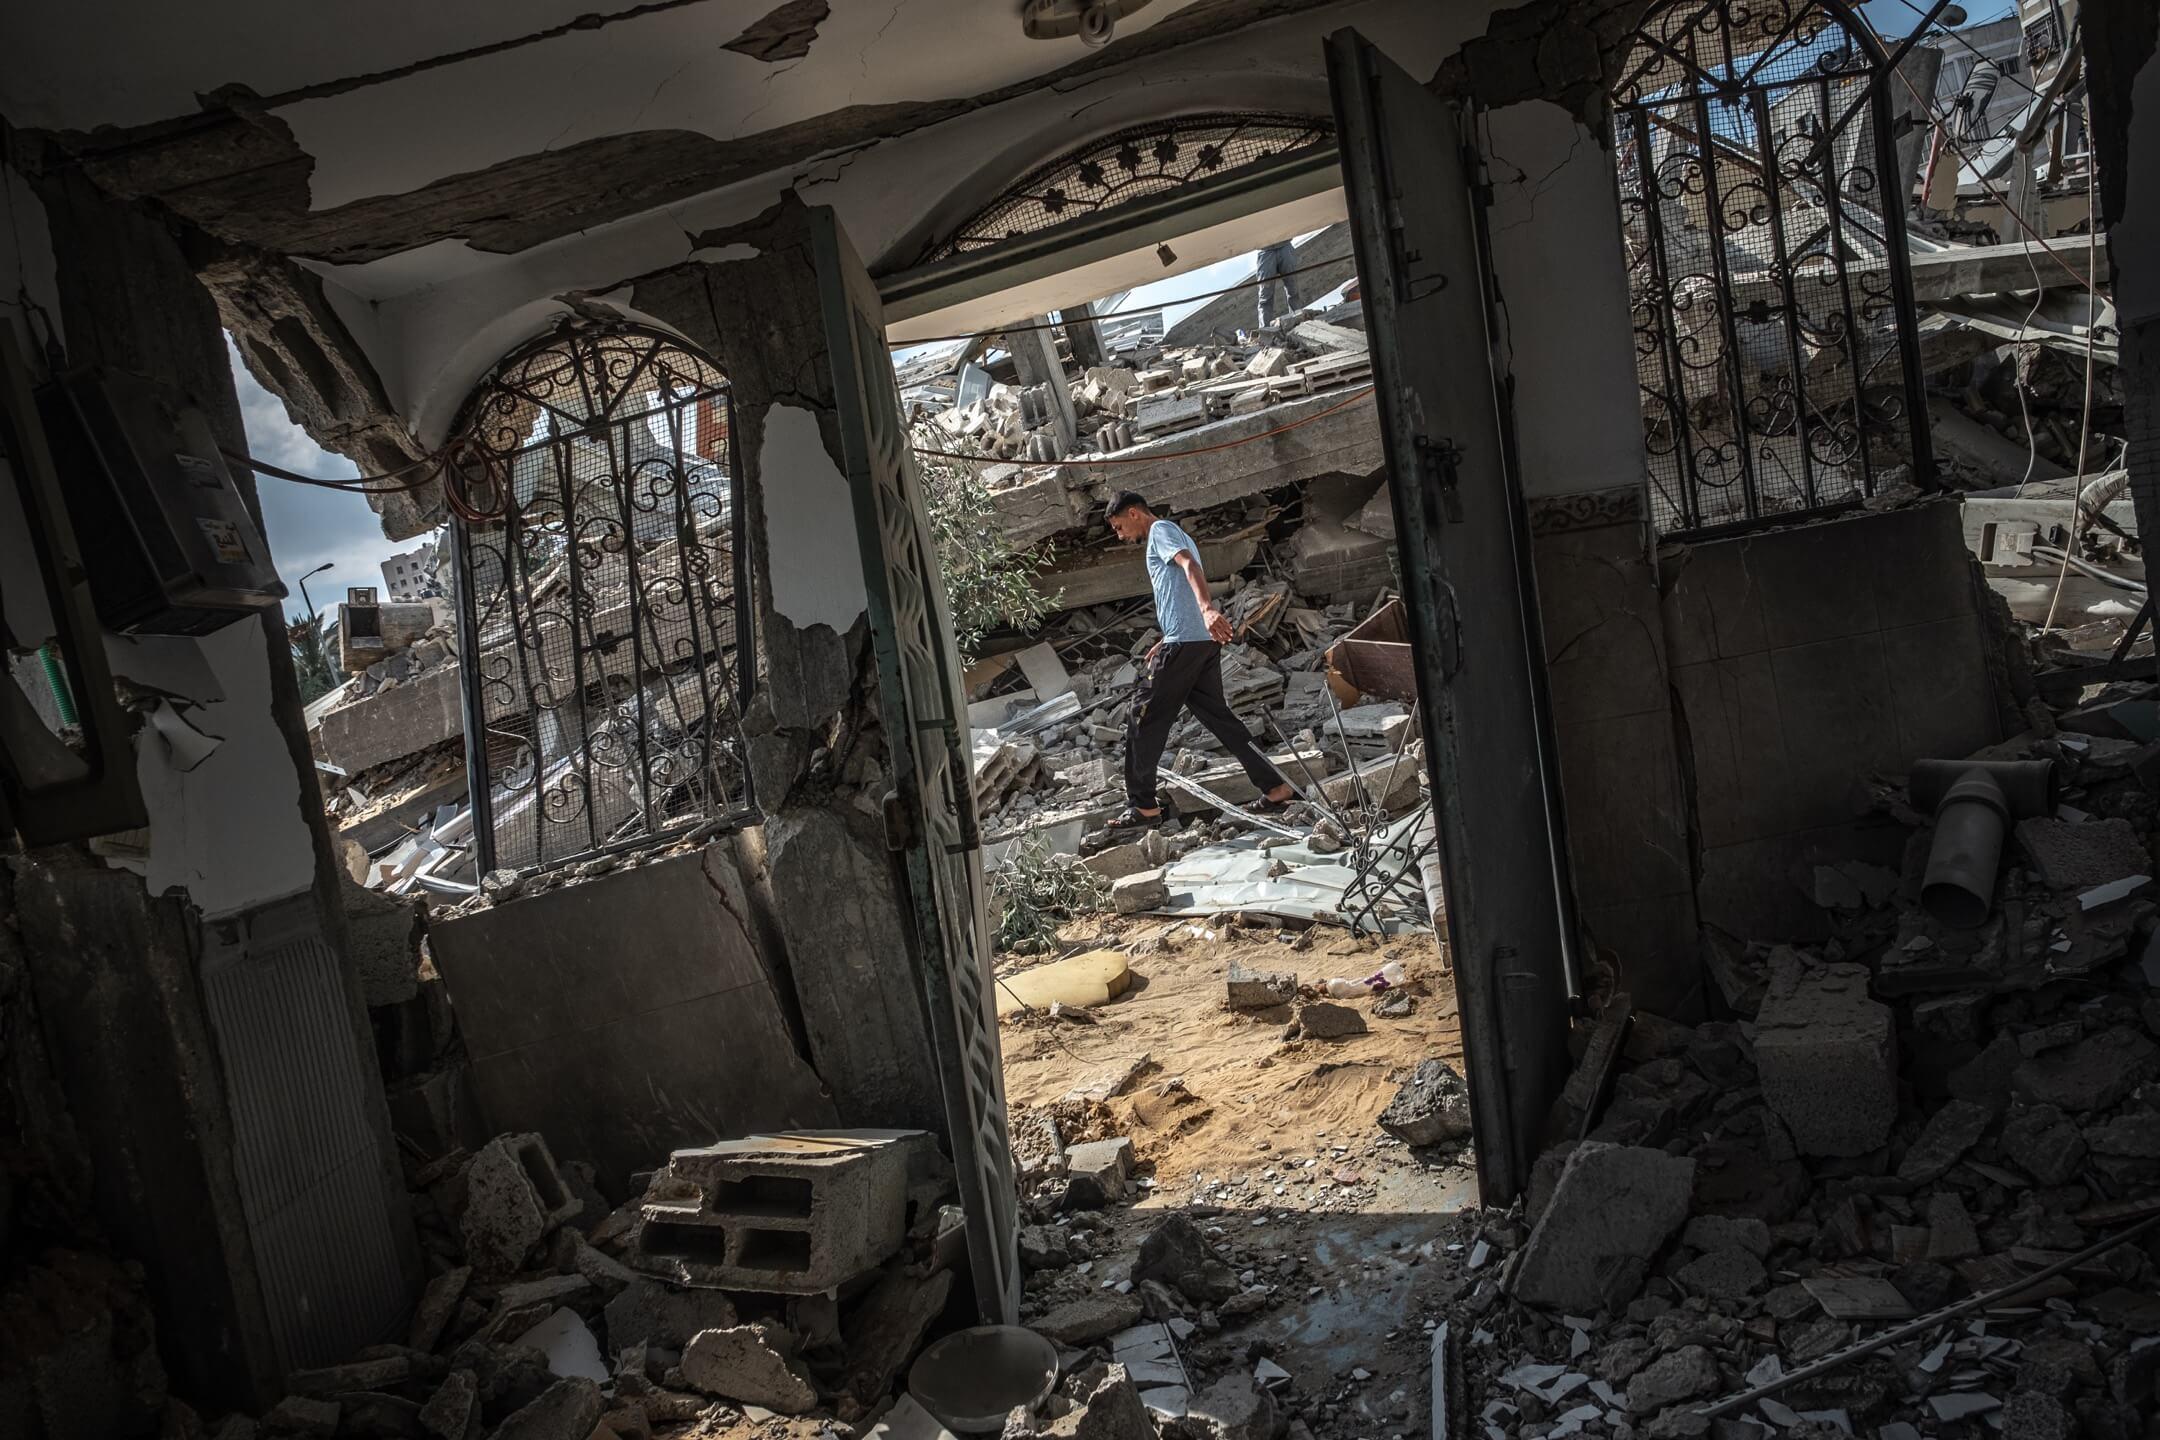 2021年5月13日,加沙市的住宅大廈被以色列空襲炸毀,一名男子在倒塌大廈的瓦礫中走過。 攝:Fatima Shbair/Getty Images